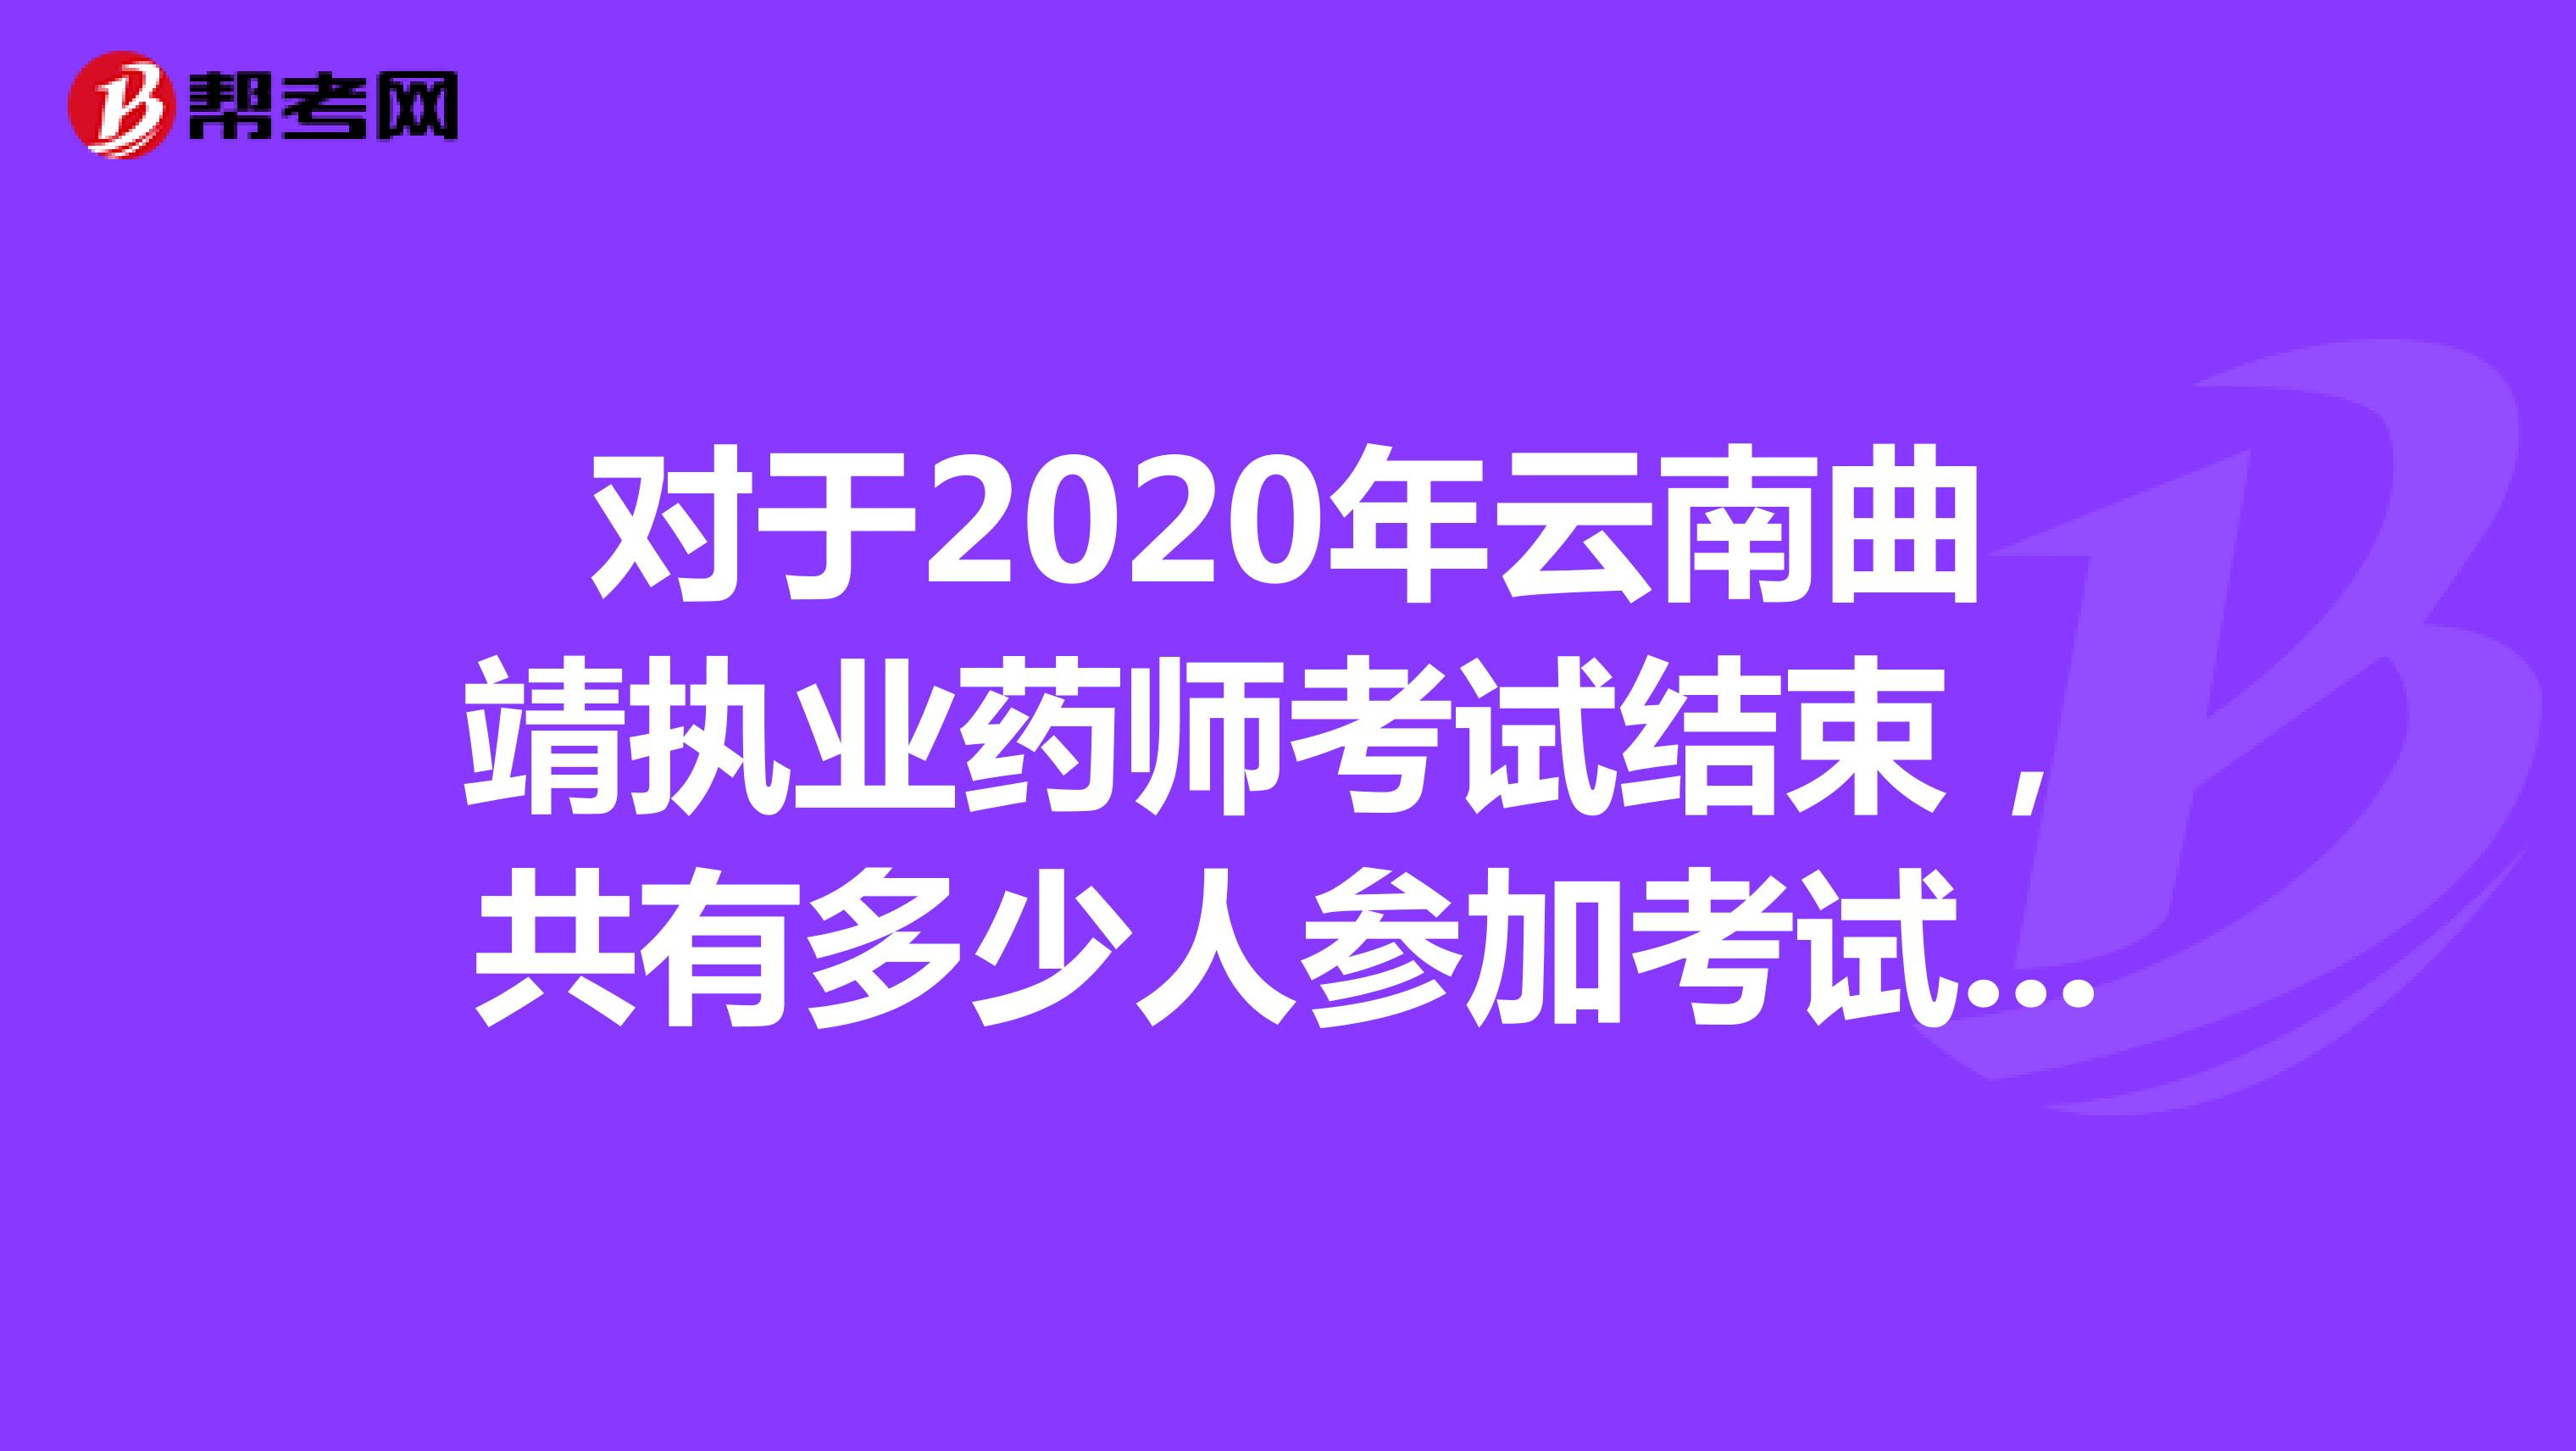 对于2020年云南曲靖执业药师考试结束,共有多少人参加考试呢?